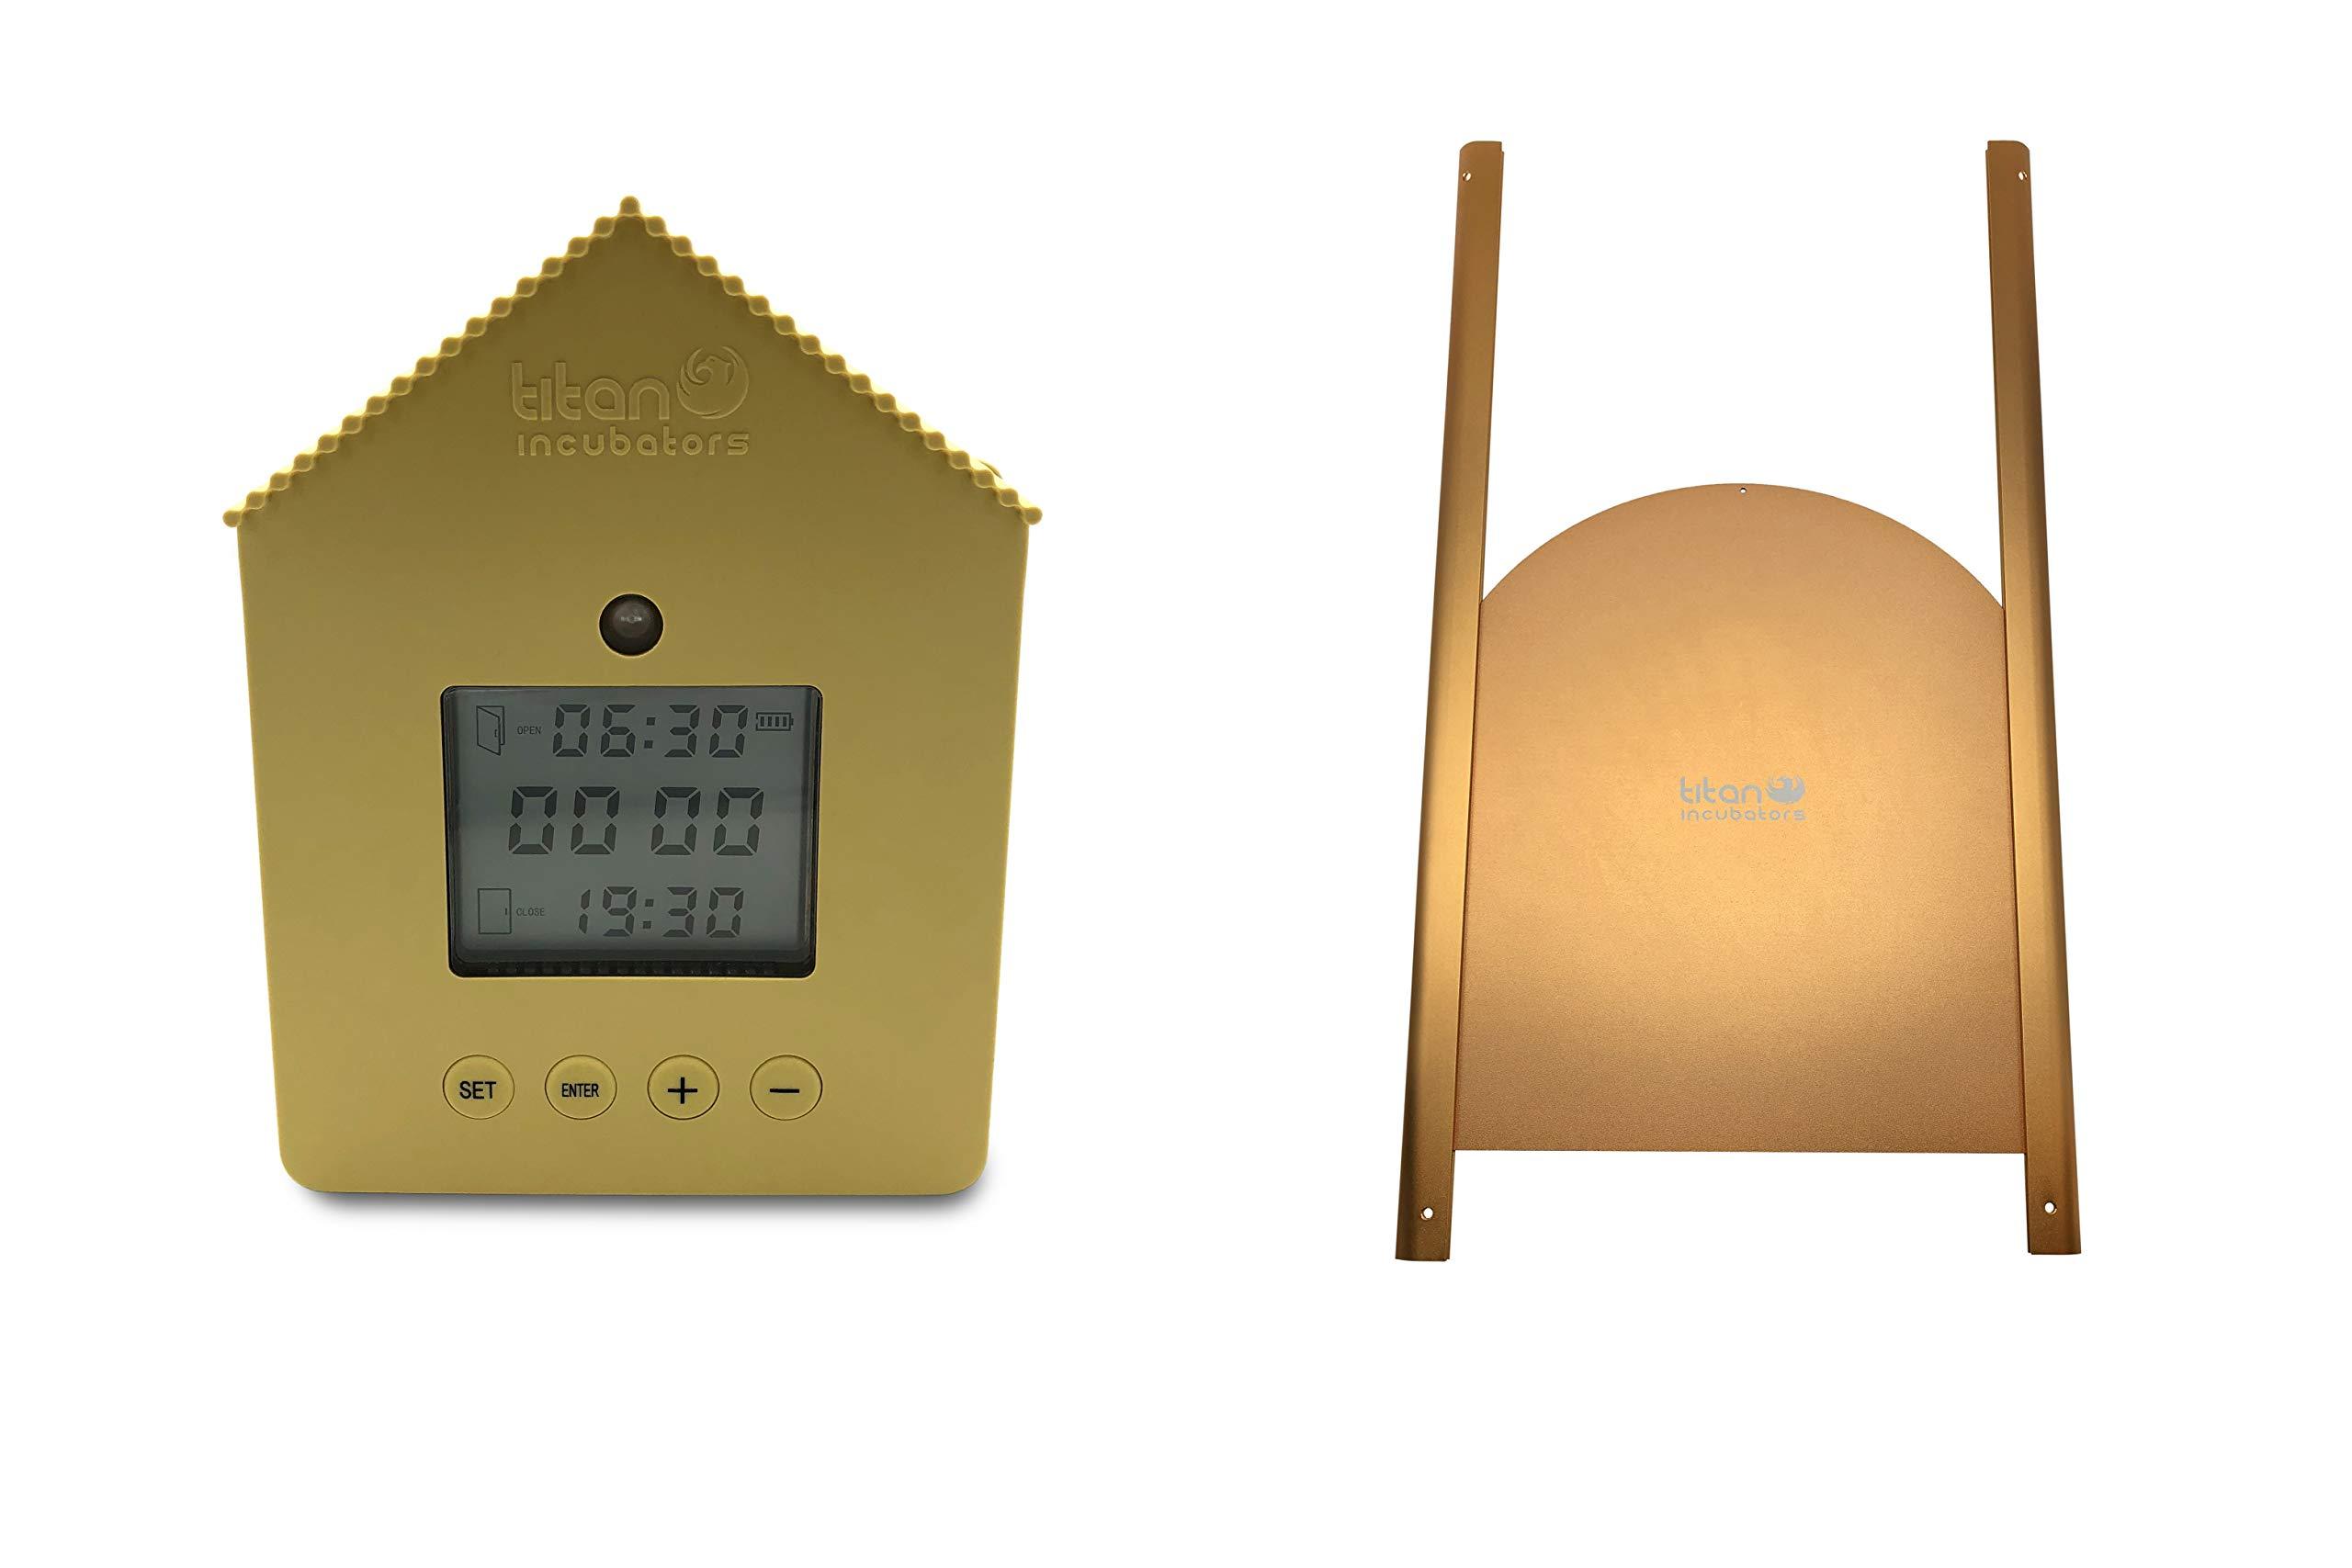 Titan Incubators Automatic Chicken Door/Automatic Chicken Coop Door Opener with Light Sensor and Timer + Deluxe Chicken Coop Door - Elite by Titan Incubators